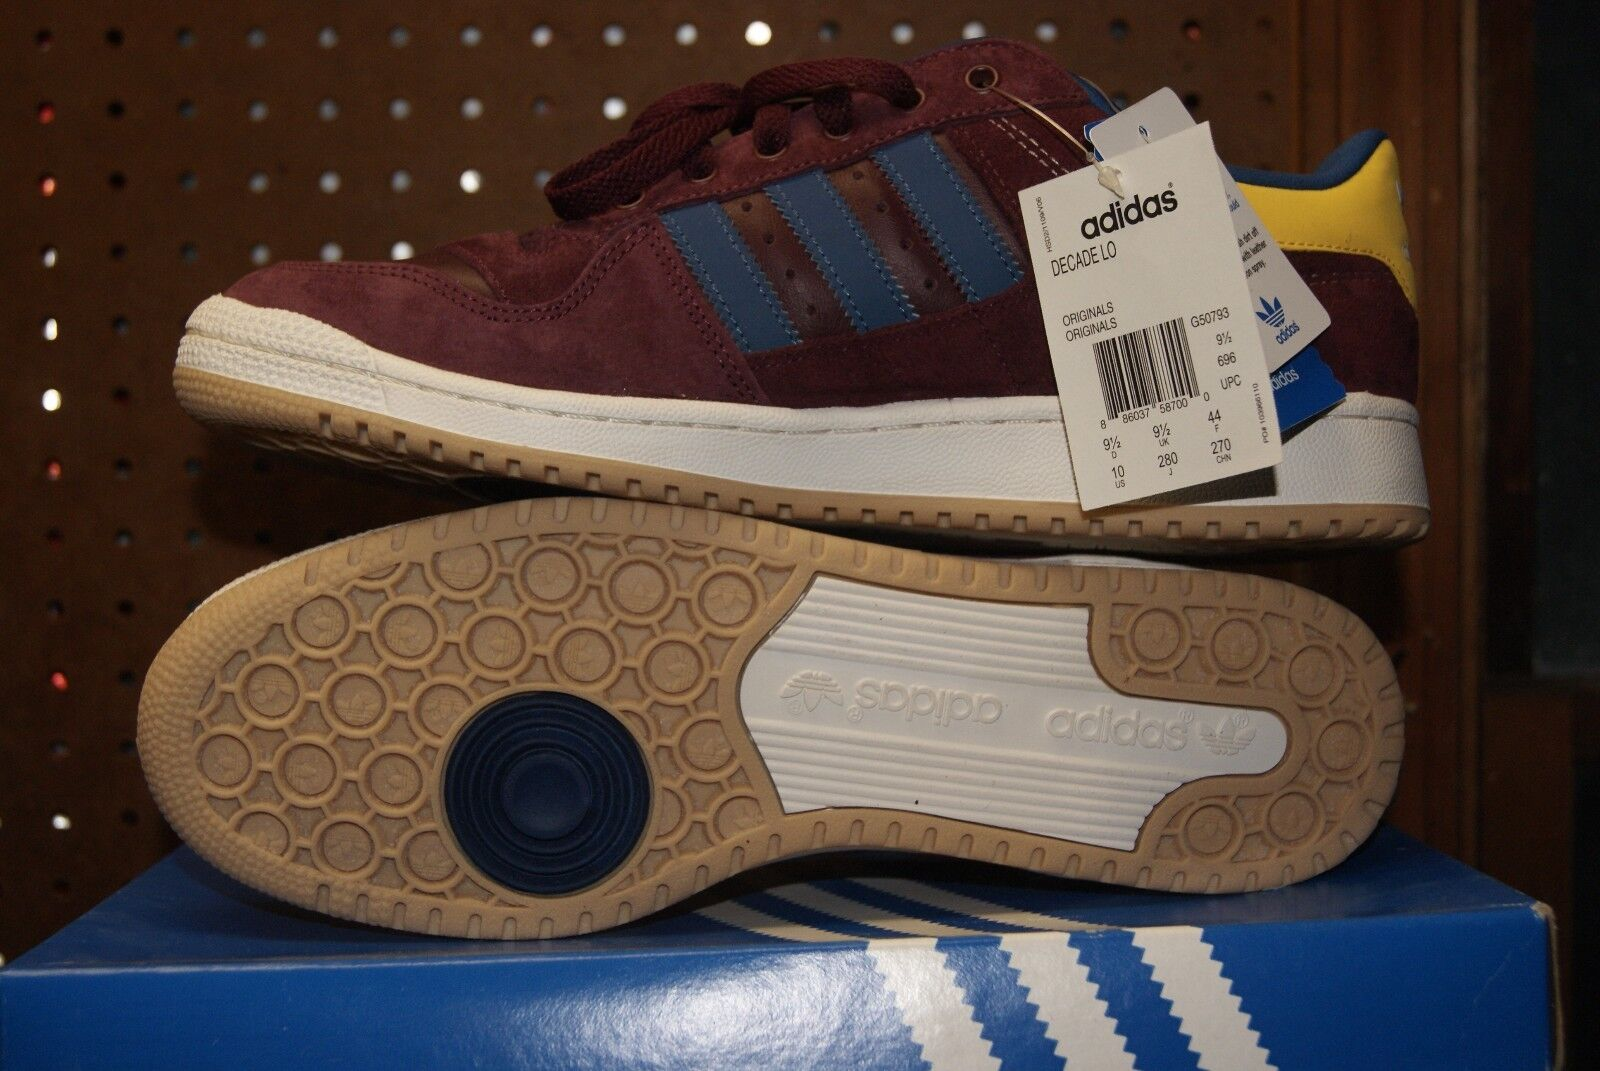 Adidas Decade Blue Low Shoe Sz 8 12 Red Yellow Blue Decade Burgundy Suede Sunshine 5e44c1